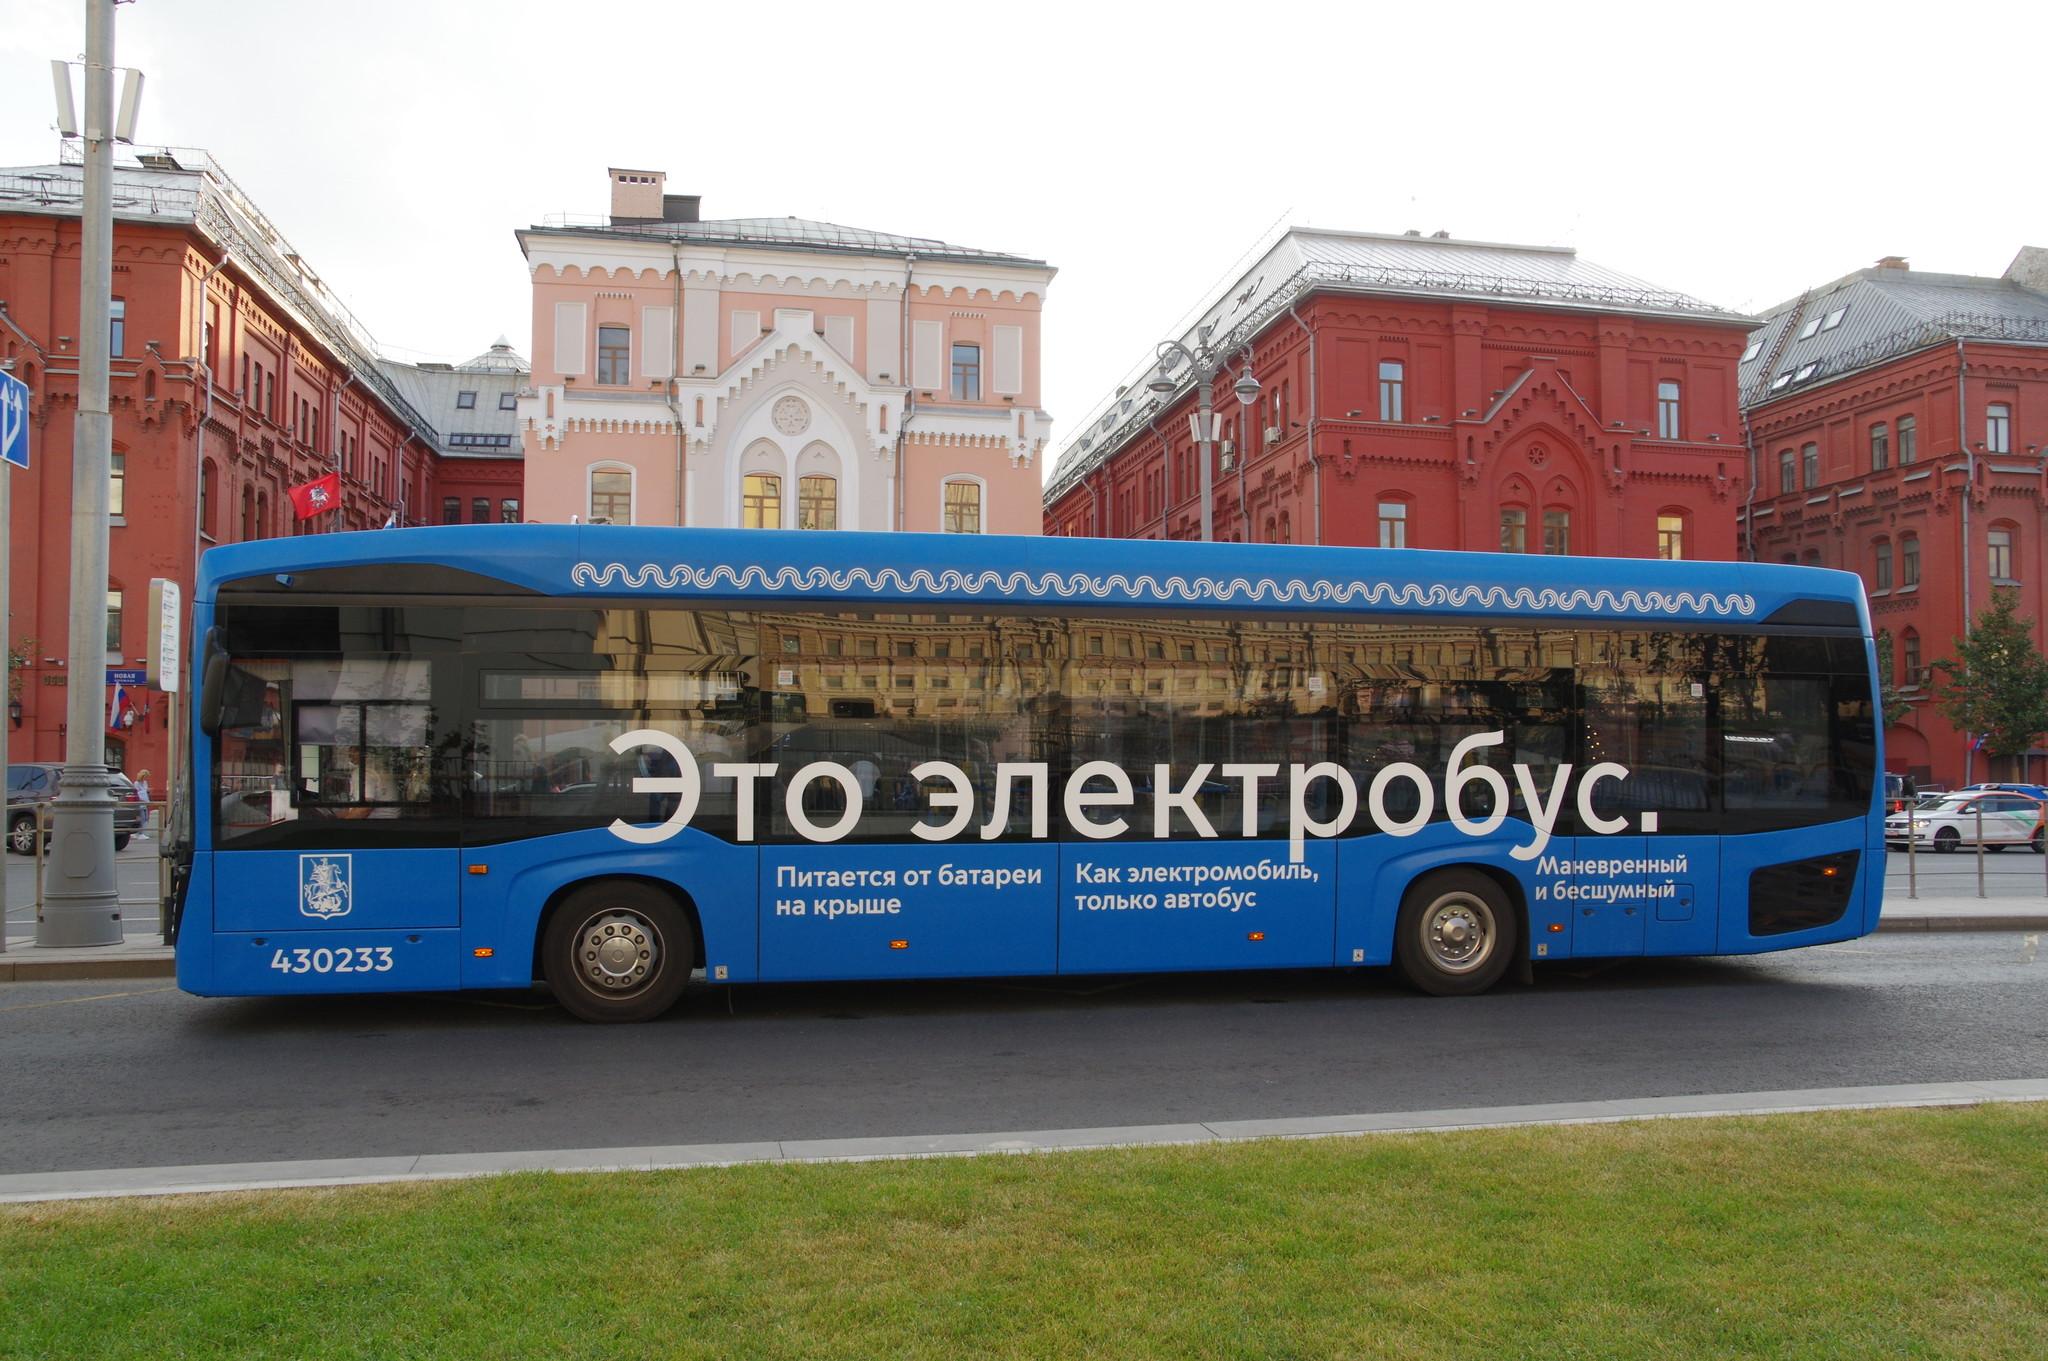 Электробус на остановке «Метро Лубянка»